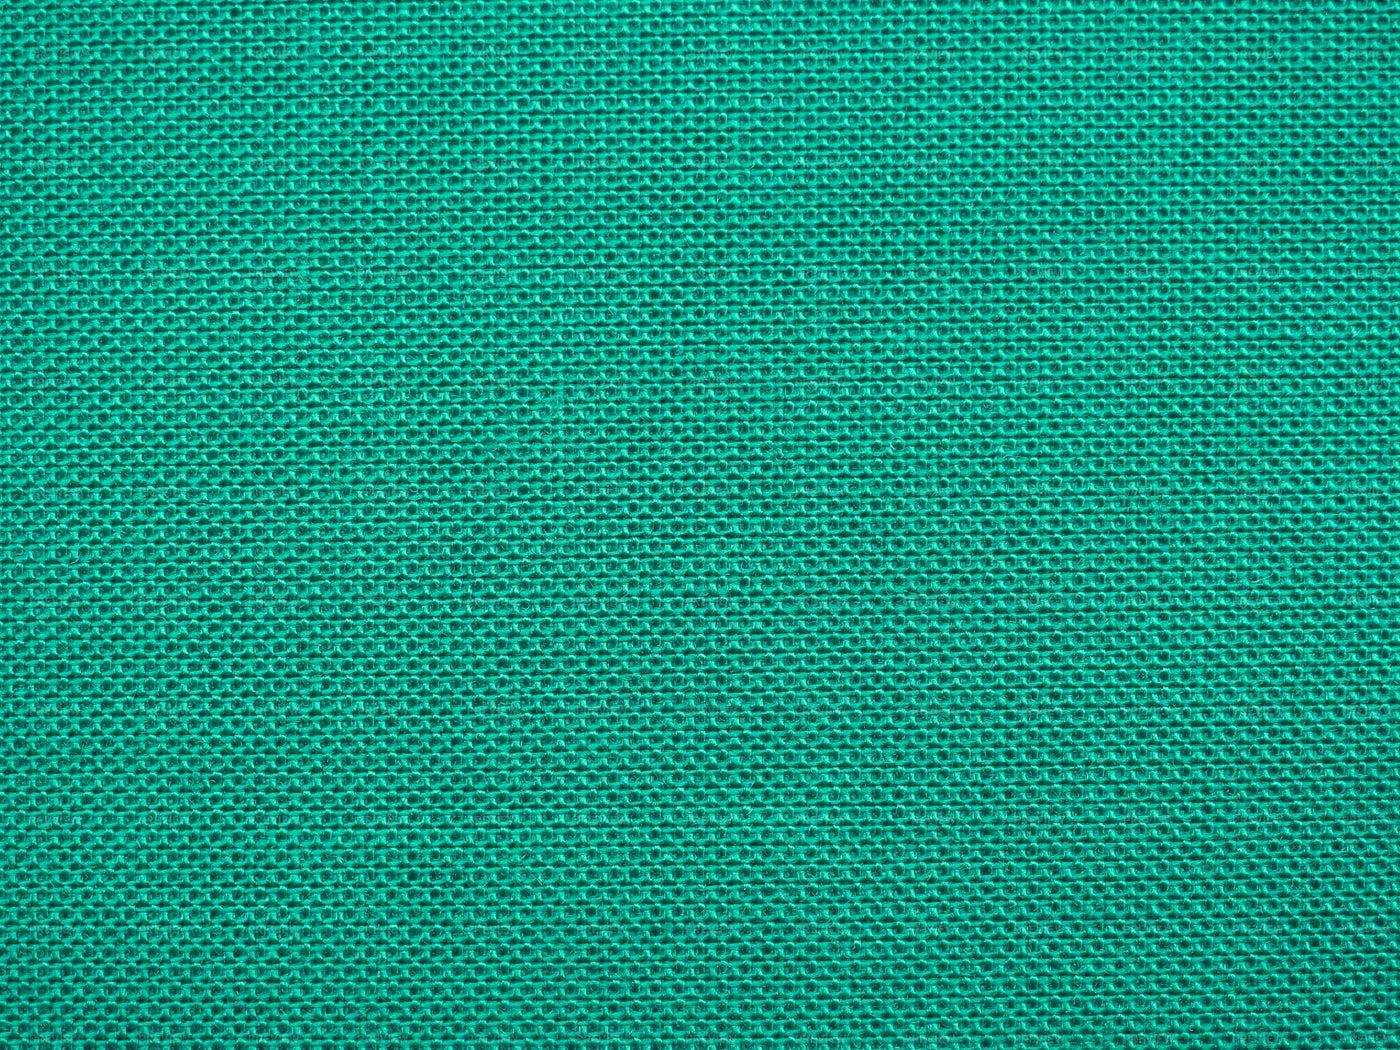 Green Fabric Texture: Stock Photos